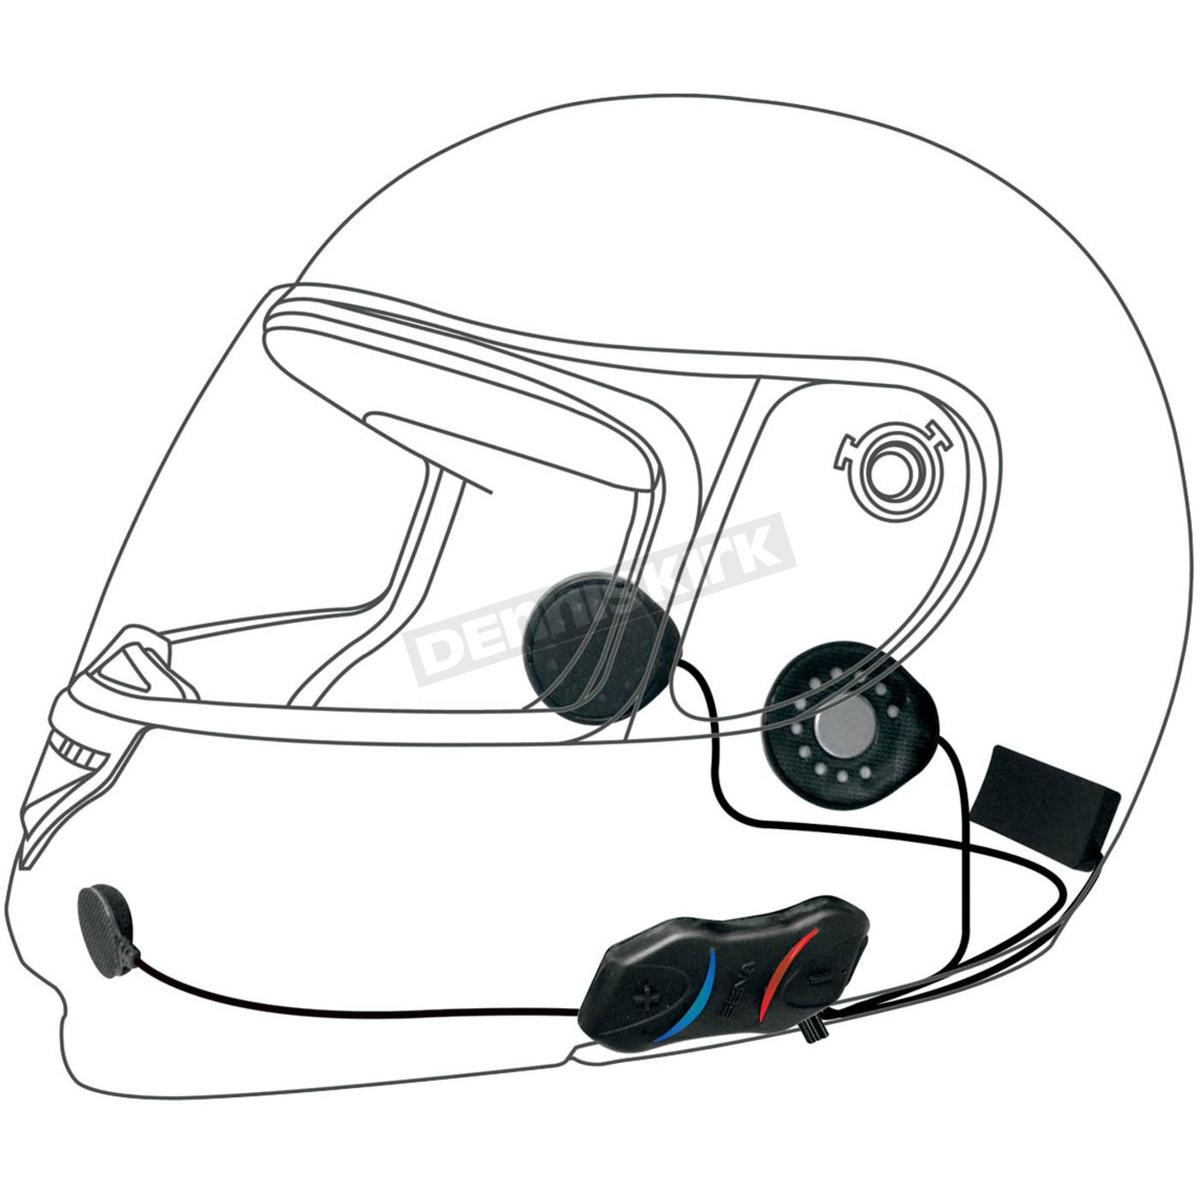 vmax 540 snowmobile wiring diagram